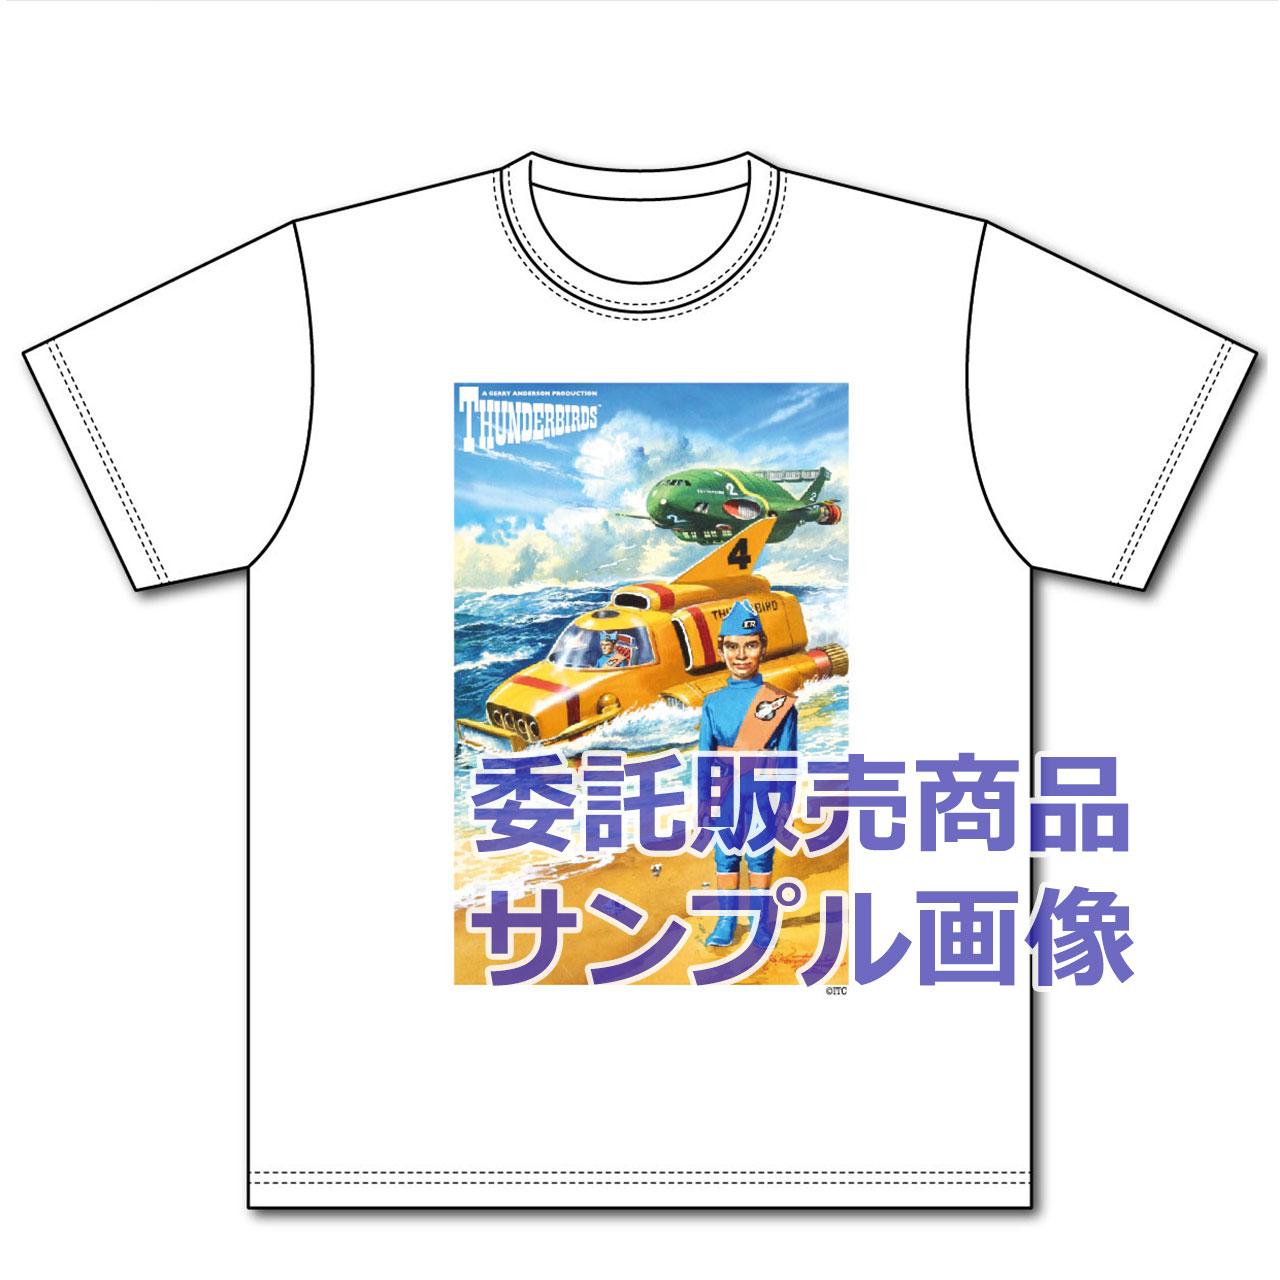 「サンダーバード」Tシャツ4号白